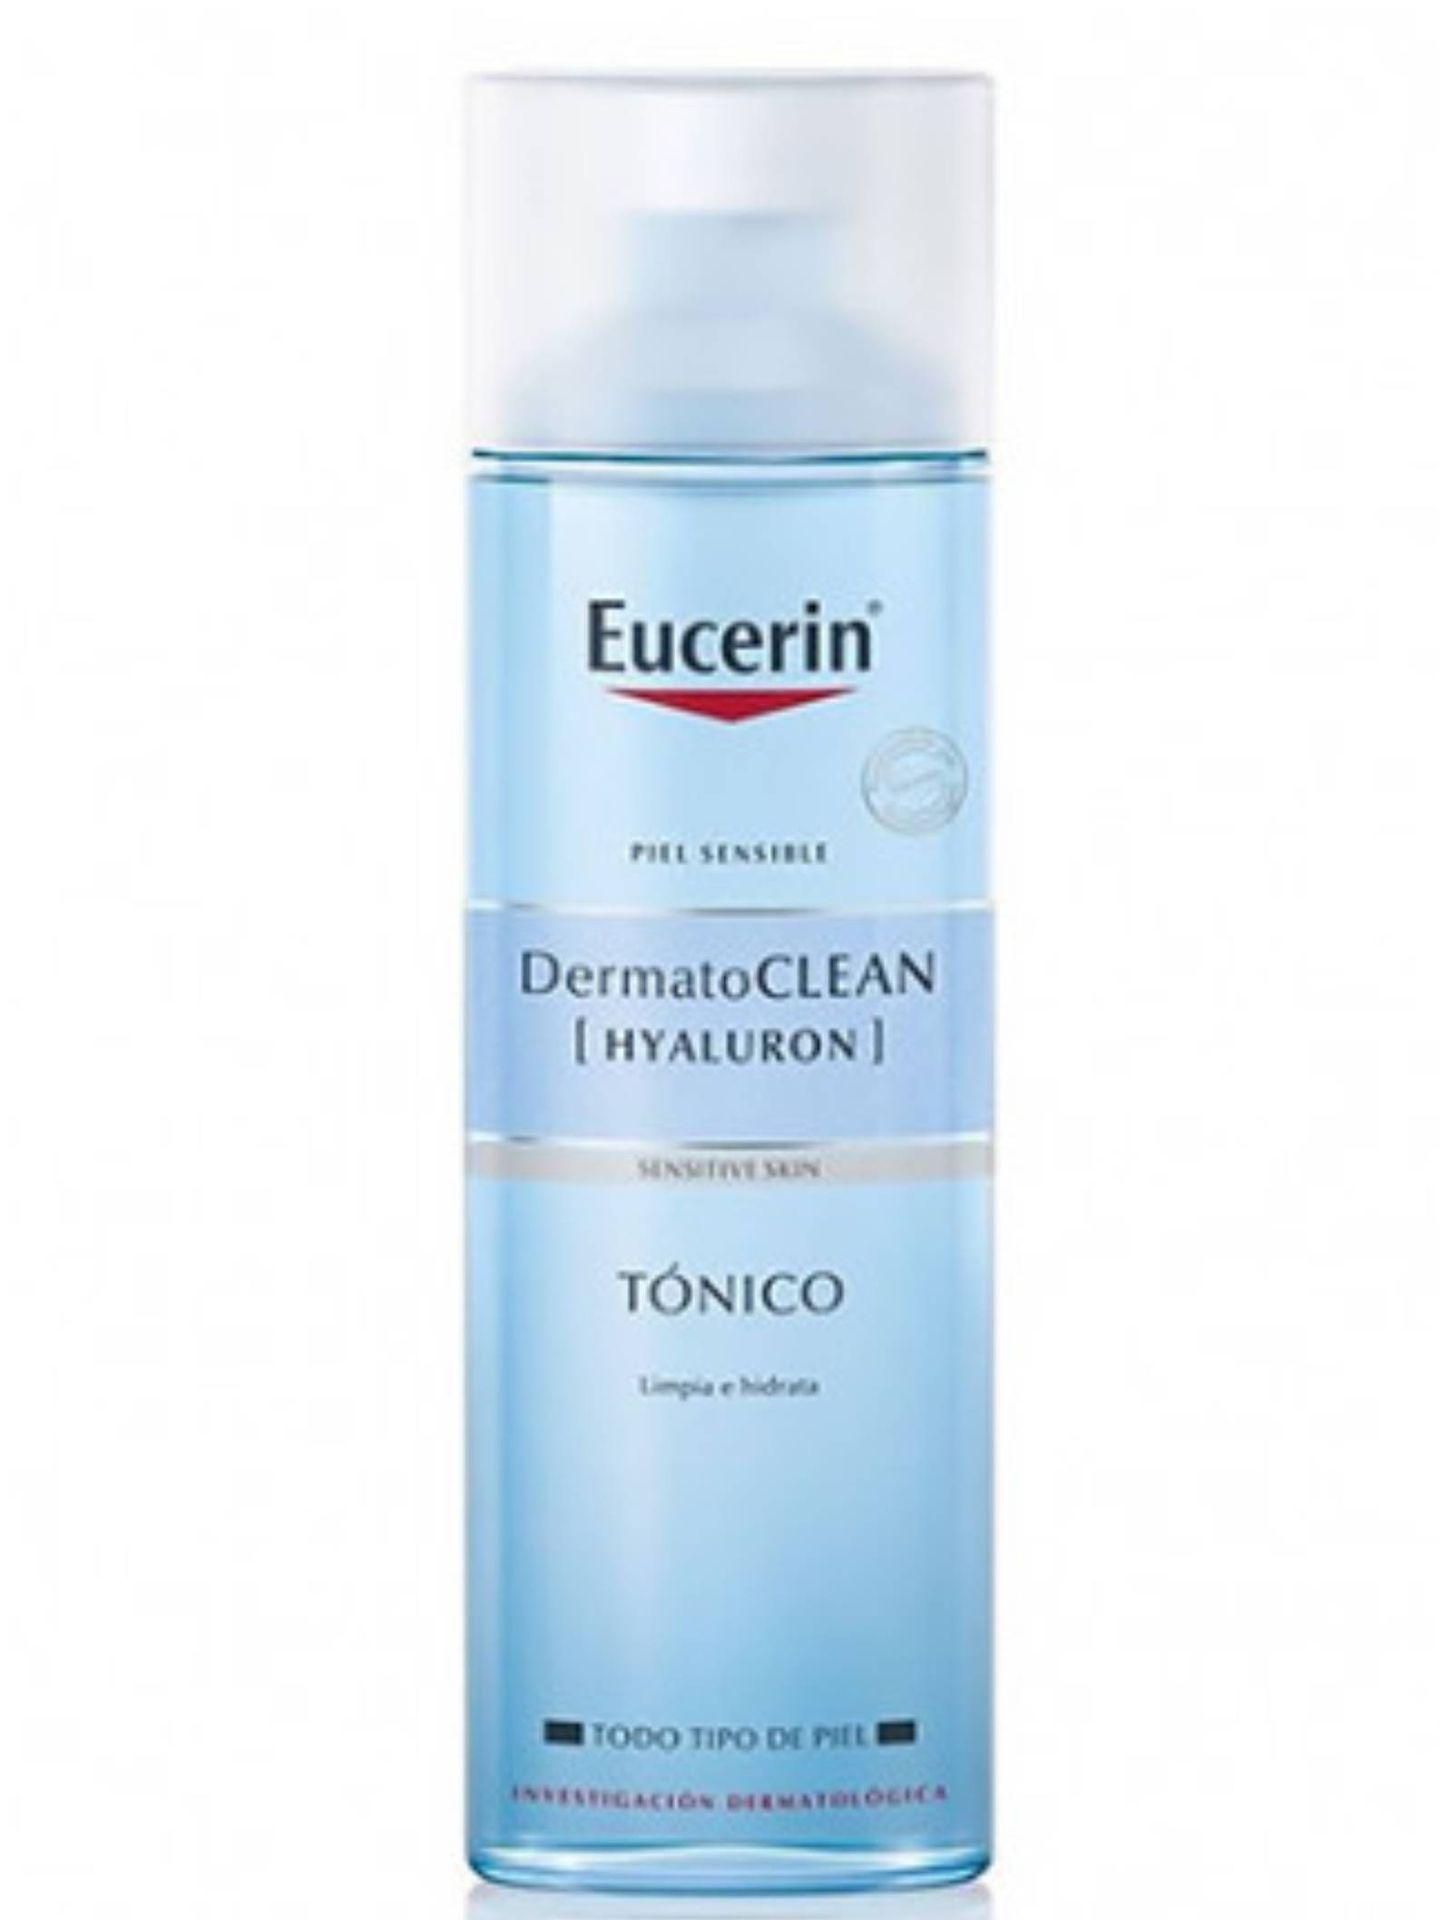 Limpiadores y tónicos para piel grasa disponibles en farmacias. (Cortesía)